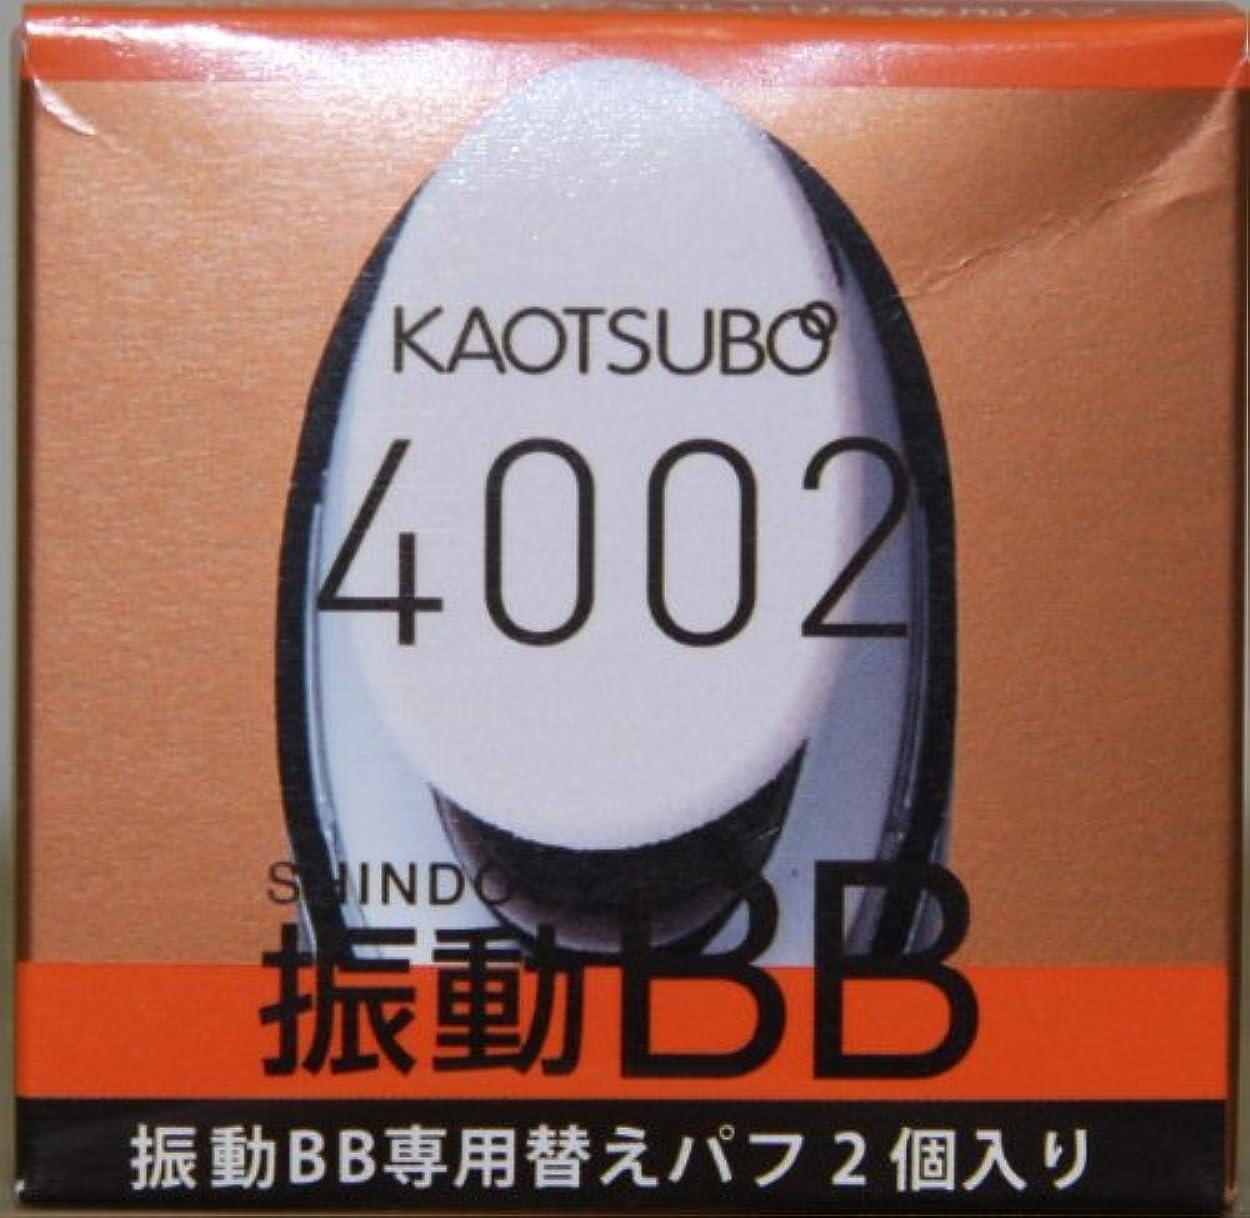 あえて不振ブースト4002 振動BB 専用パフ (交換用2個)